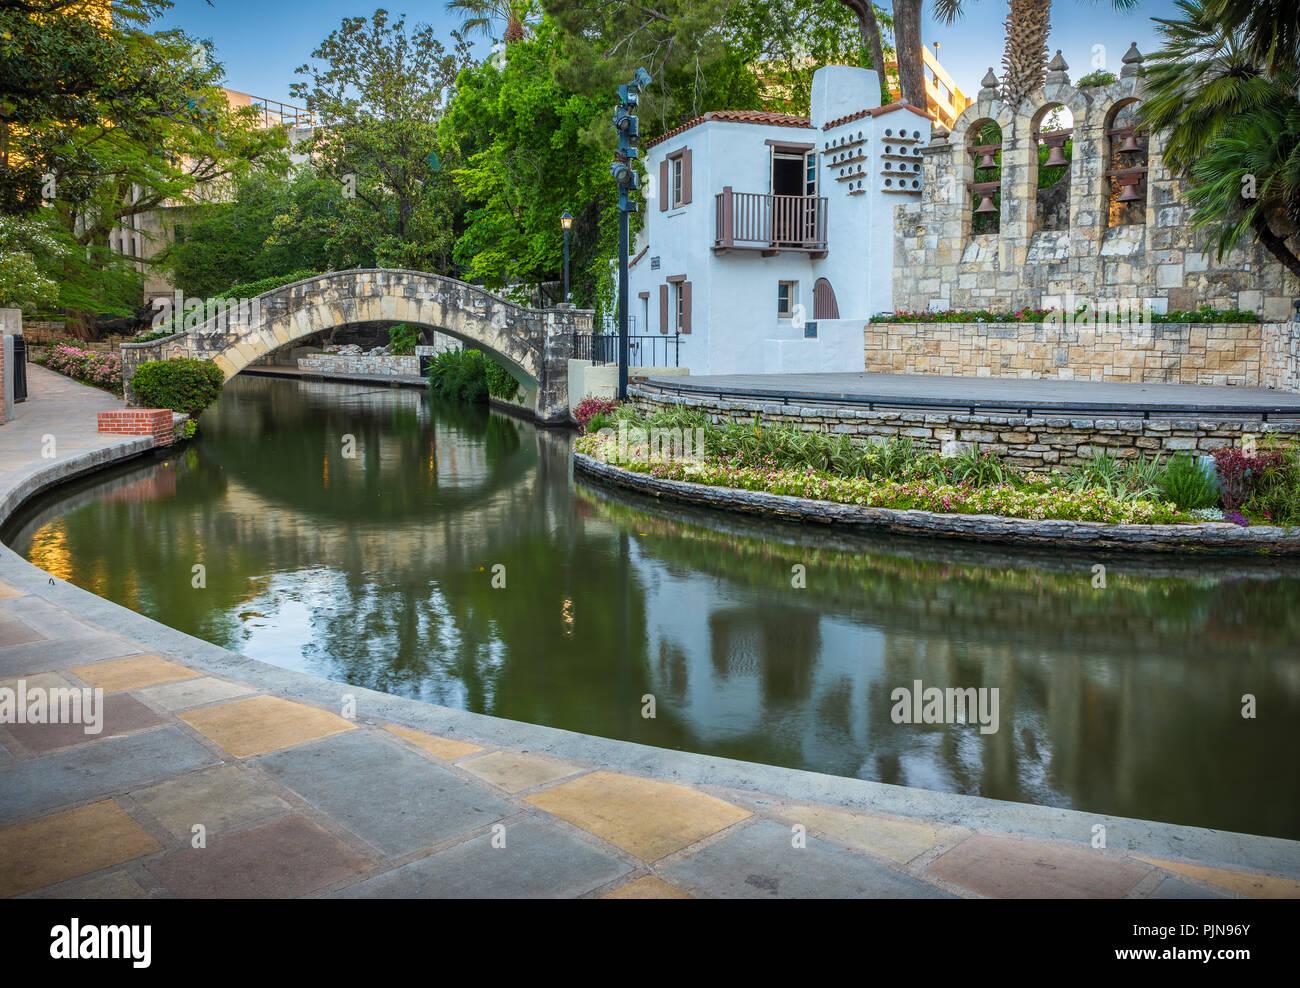 La Villita historischen Arts Village ist eine Kunst, die Gemeinschaft in der Innenstadt von San Antonio, Texas, United States. Stockbild